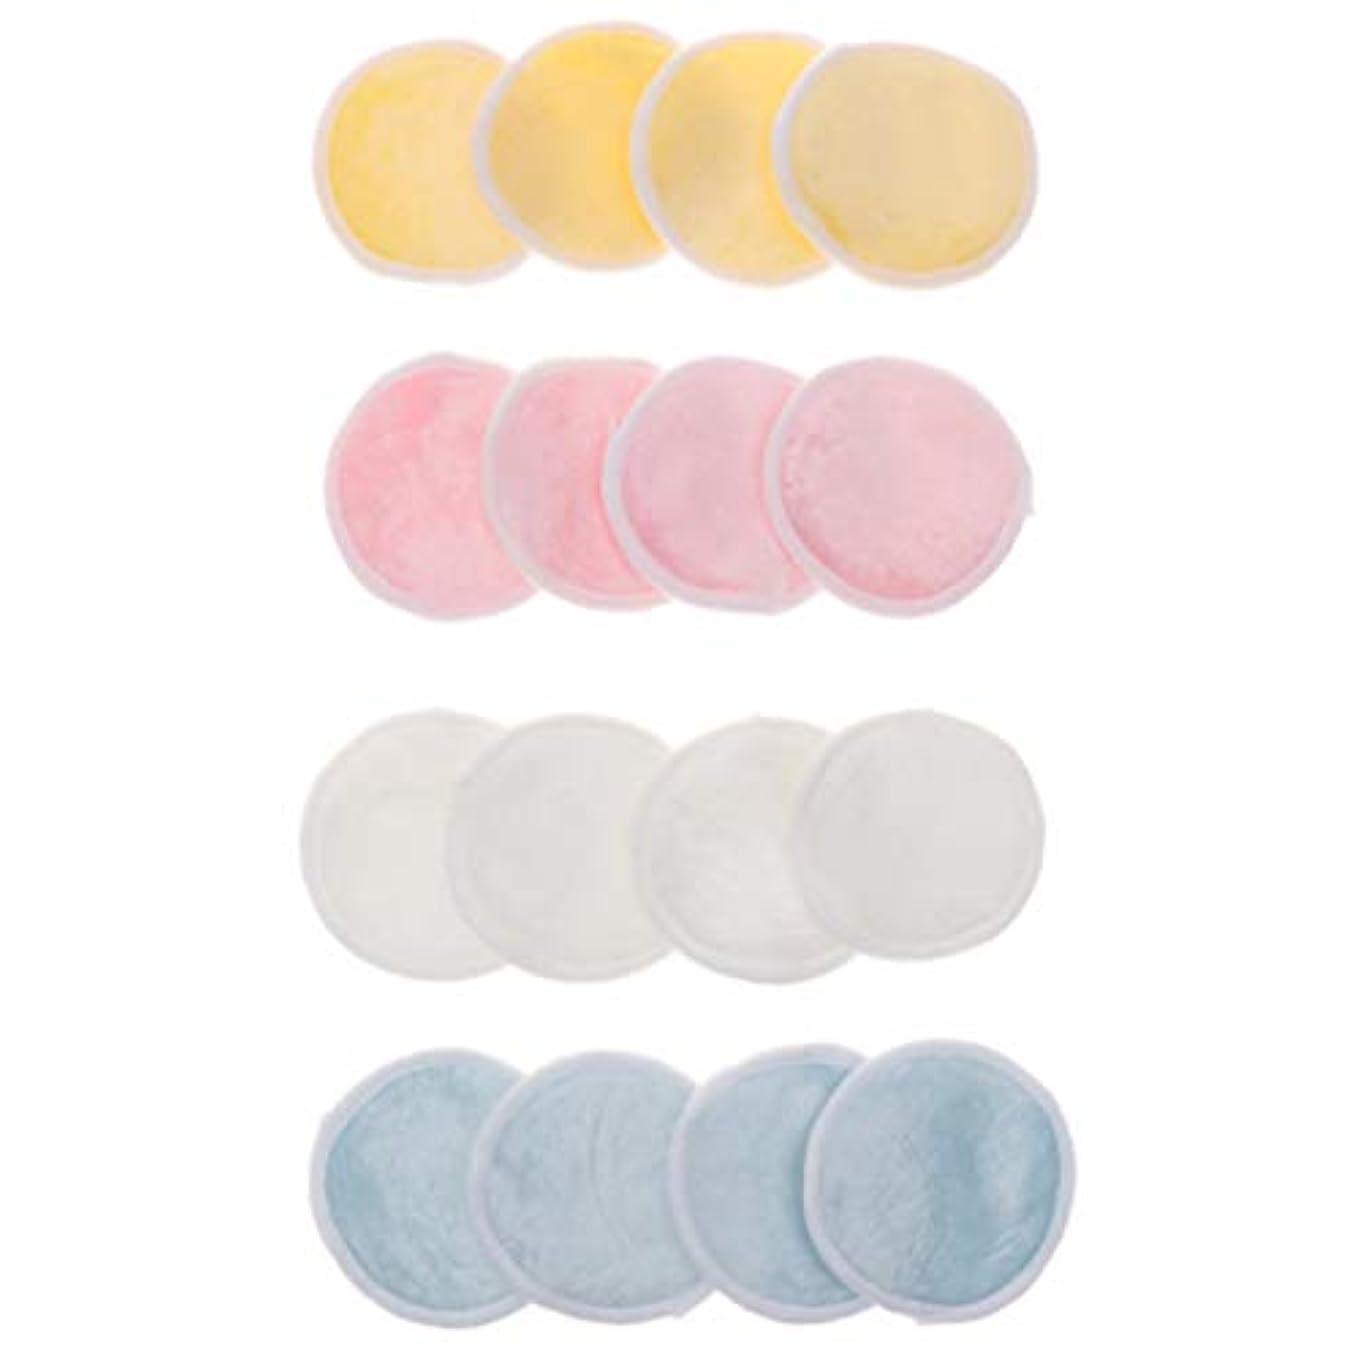 麻痺緩む束ねるKESOTO クレンジングシート 化粧落としパッド メイク落としコットン 再使用可 化粧用 持ち運びに便利 16個入